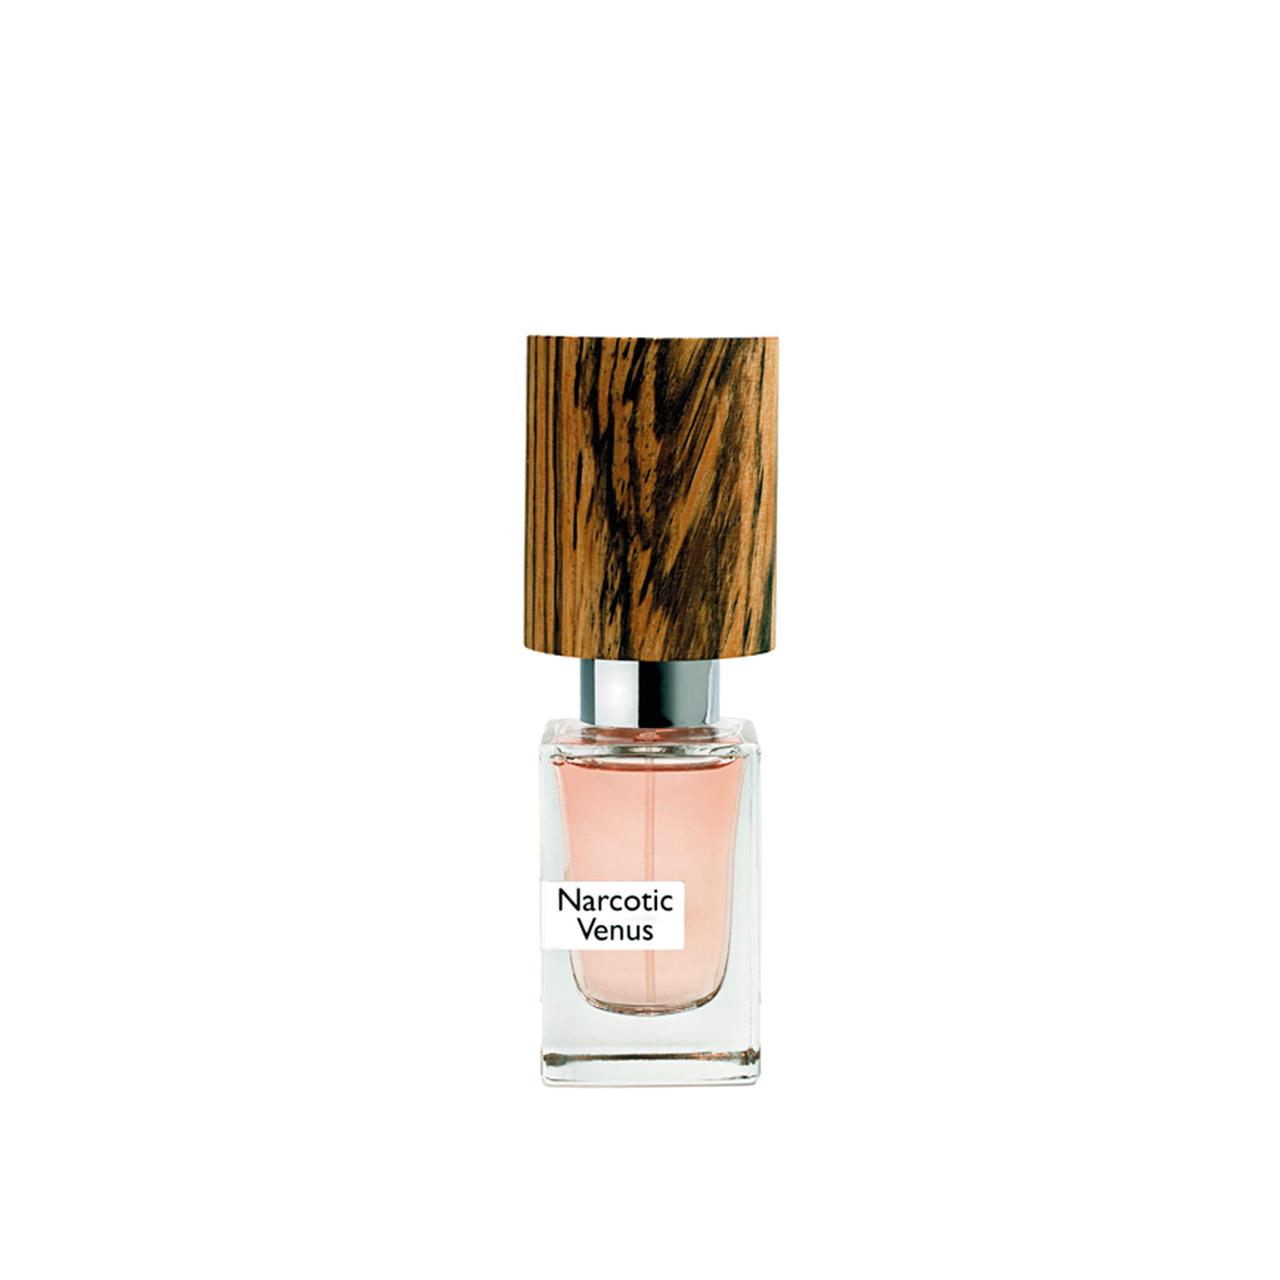 Narcotic V. - Extrait de Parfum